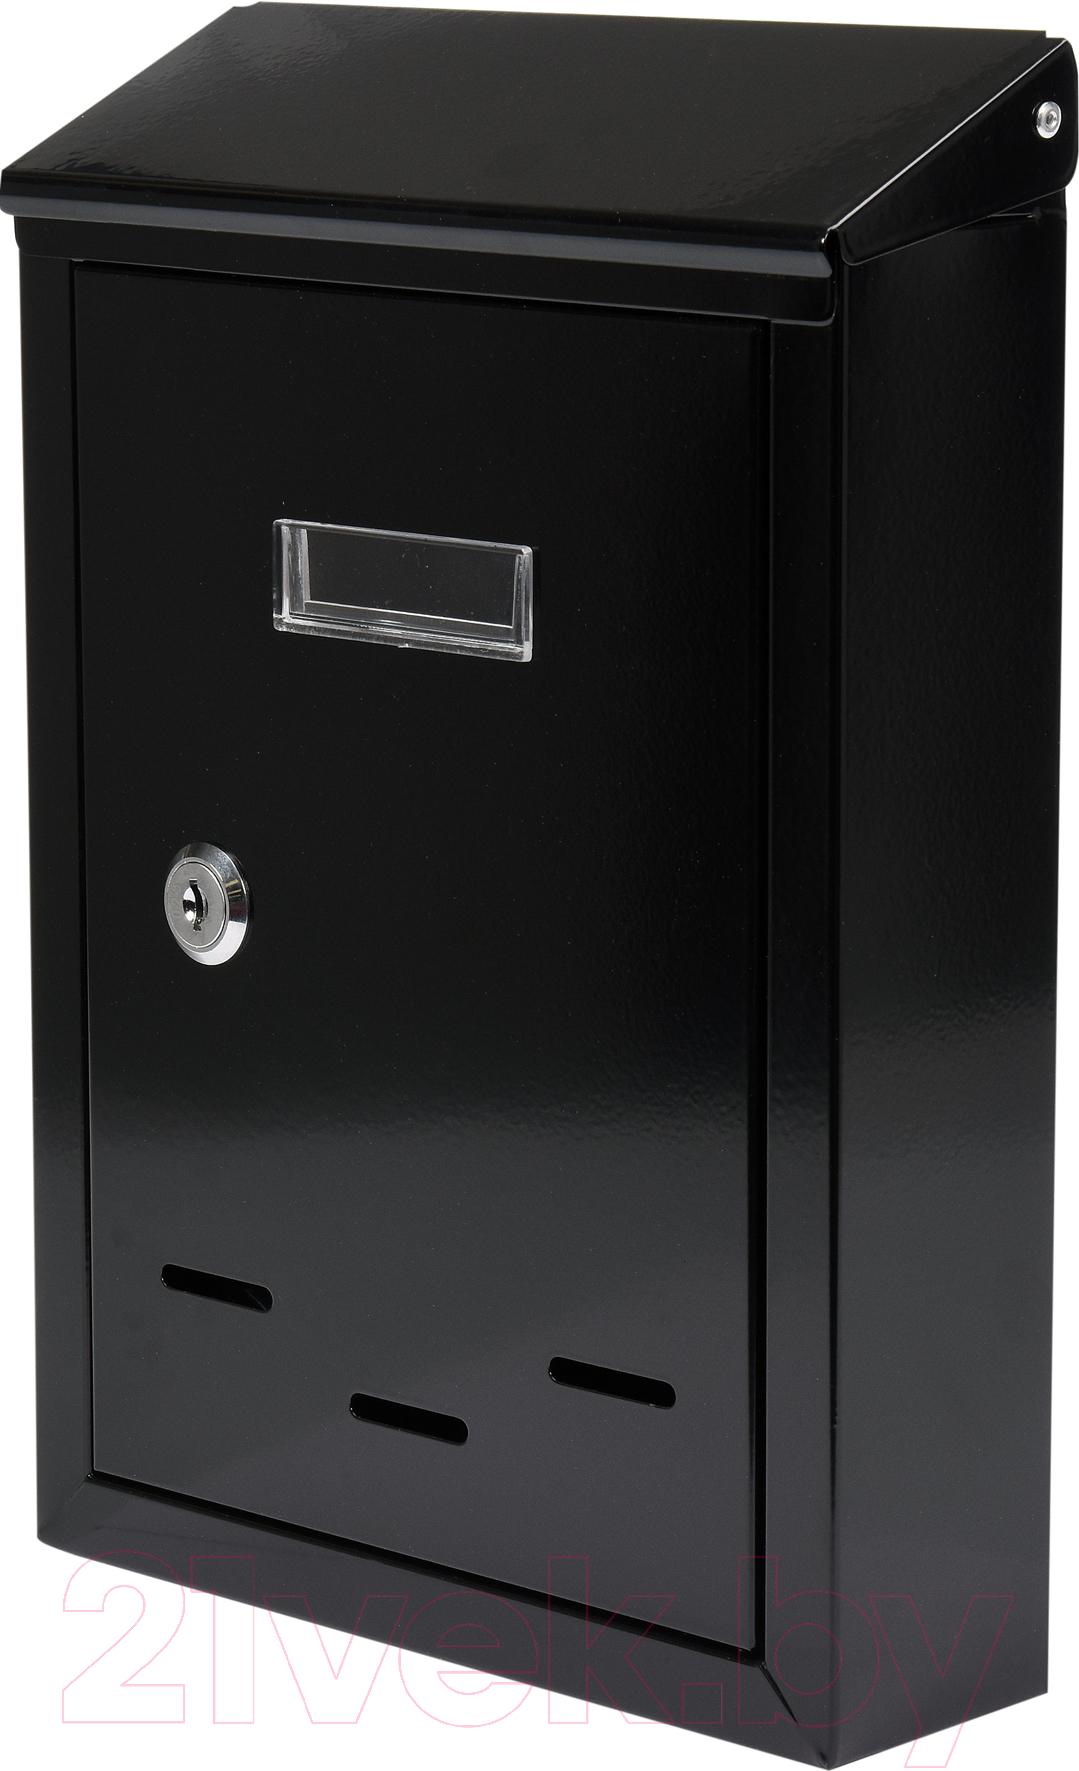 Купить Почтовый ящик Vorel, 78540, Польша, черный, сталь